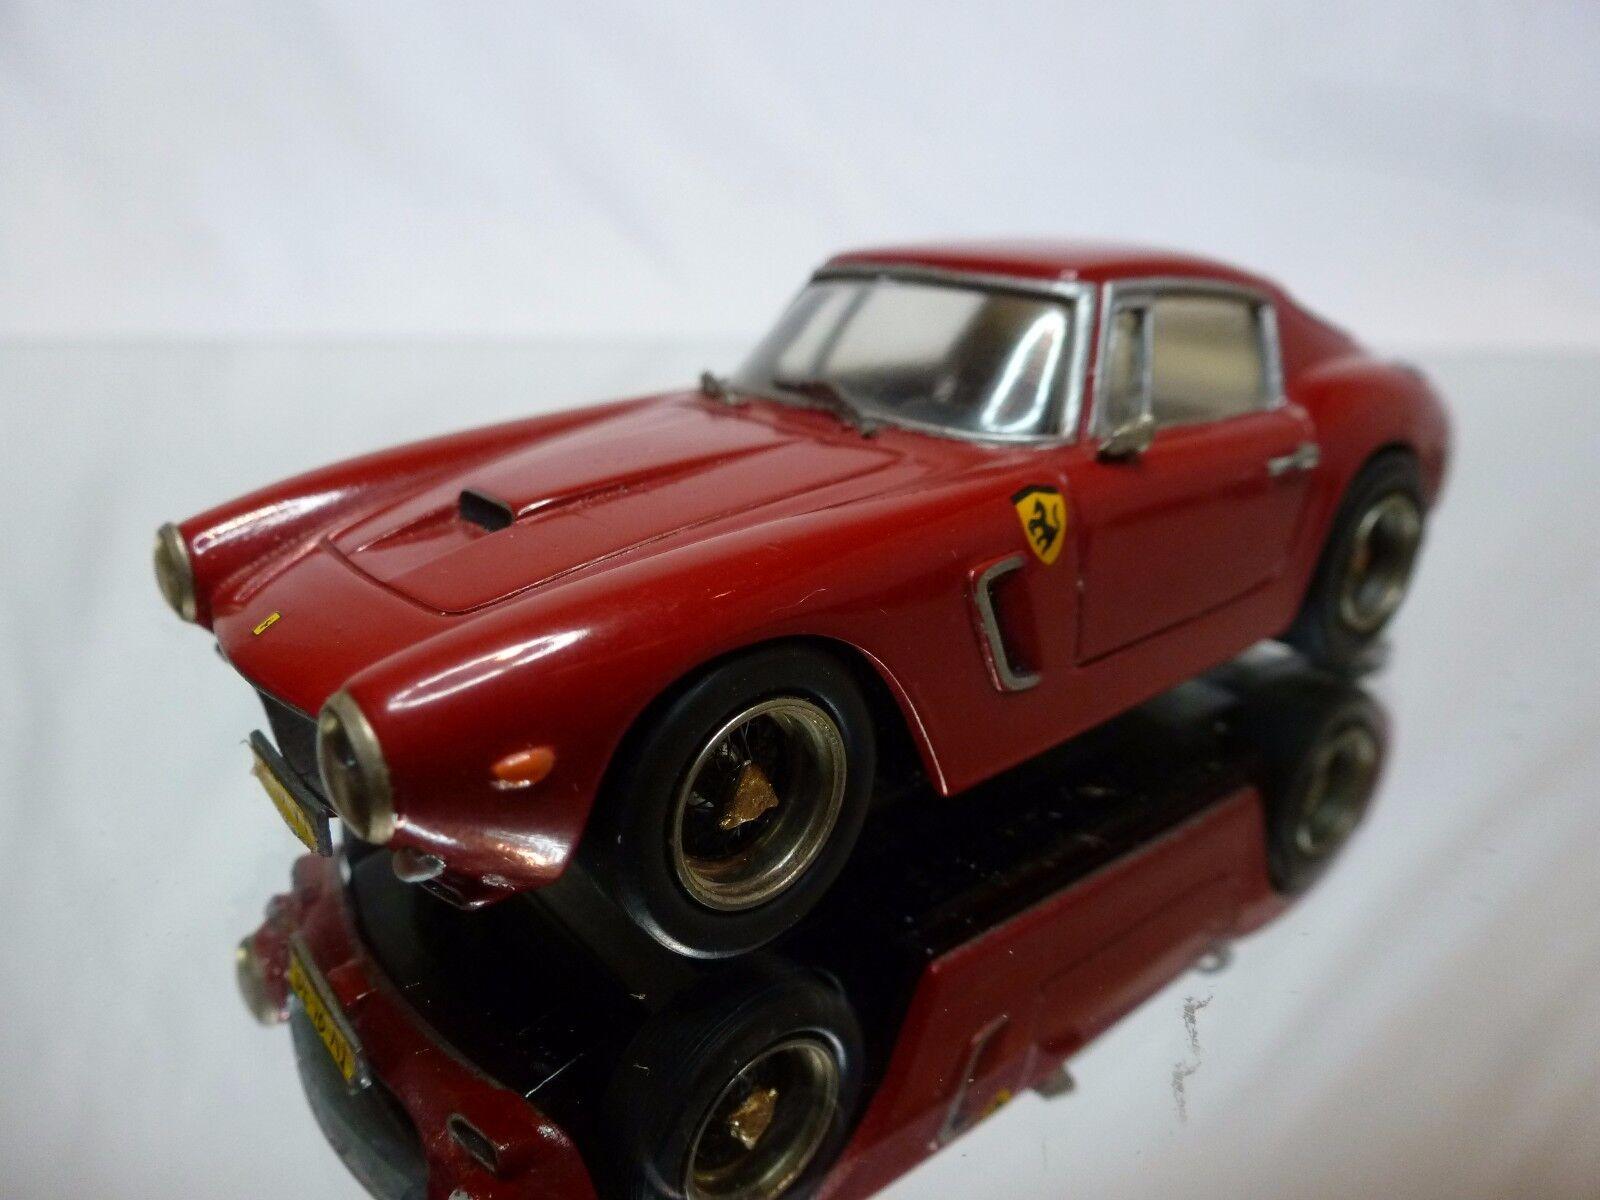 ANDRE MARIE RUF AMR KIT(built) - FERRARI 250 SWB BERLINETTE - rosso 1 43 - GOOD